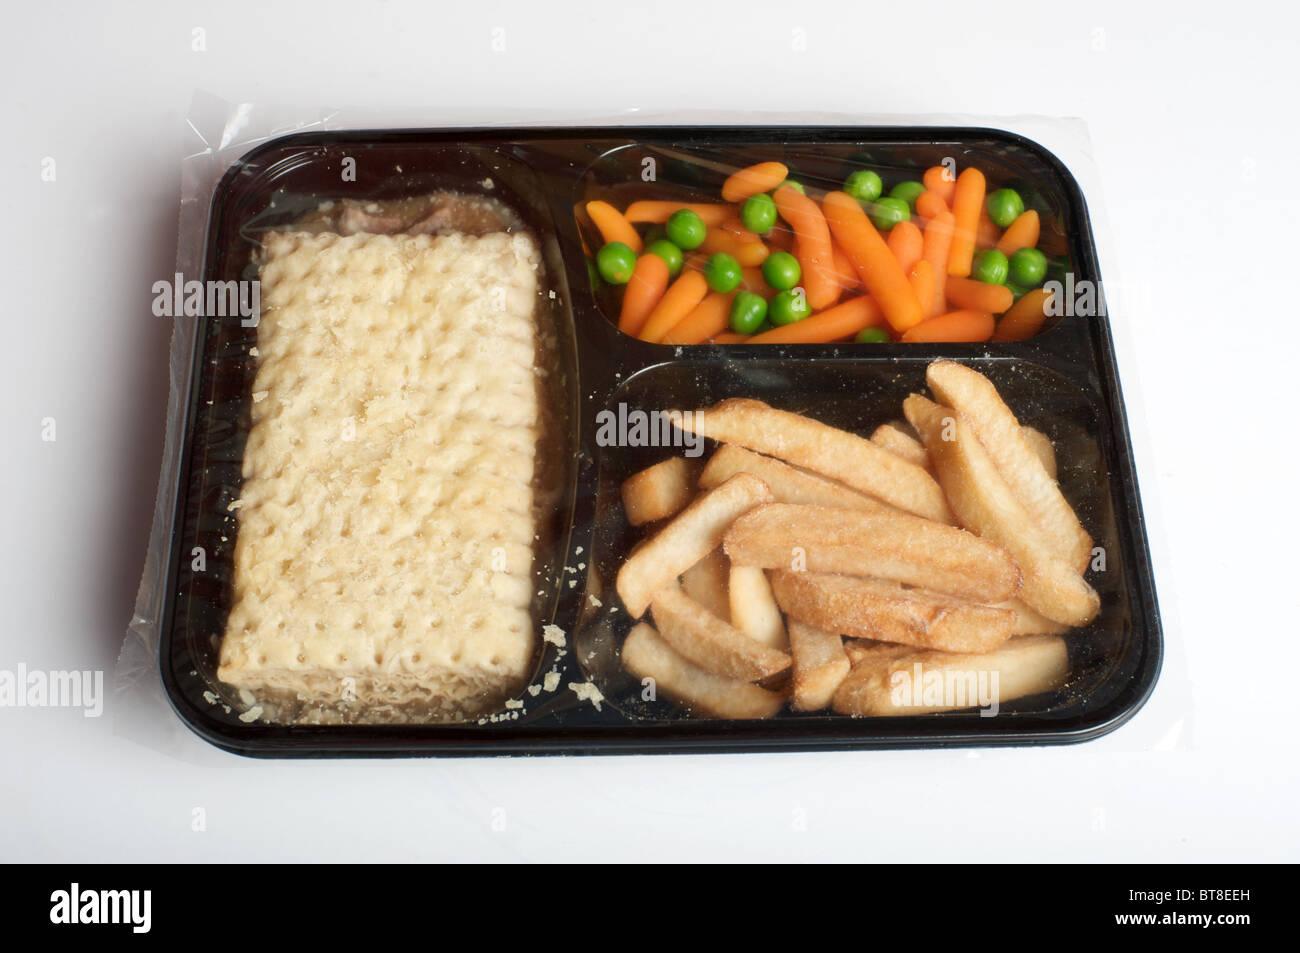 Frozen steak pie ready meal - Stock Image